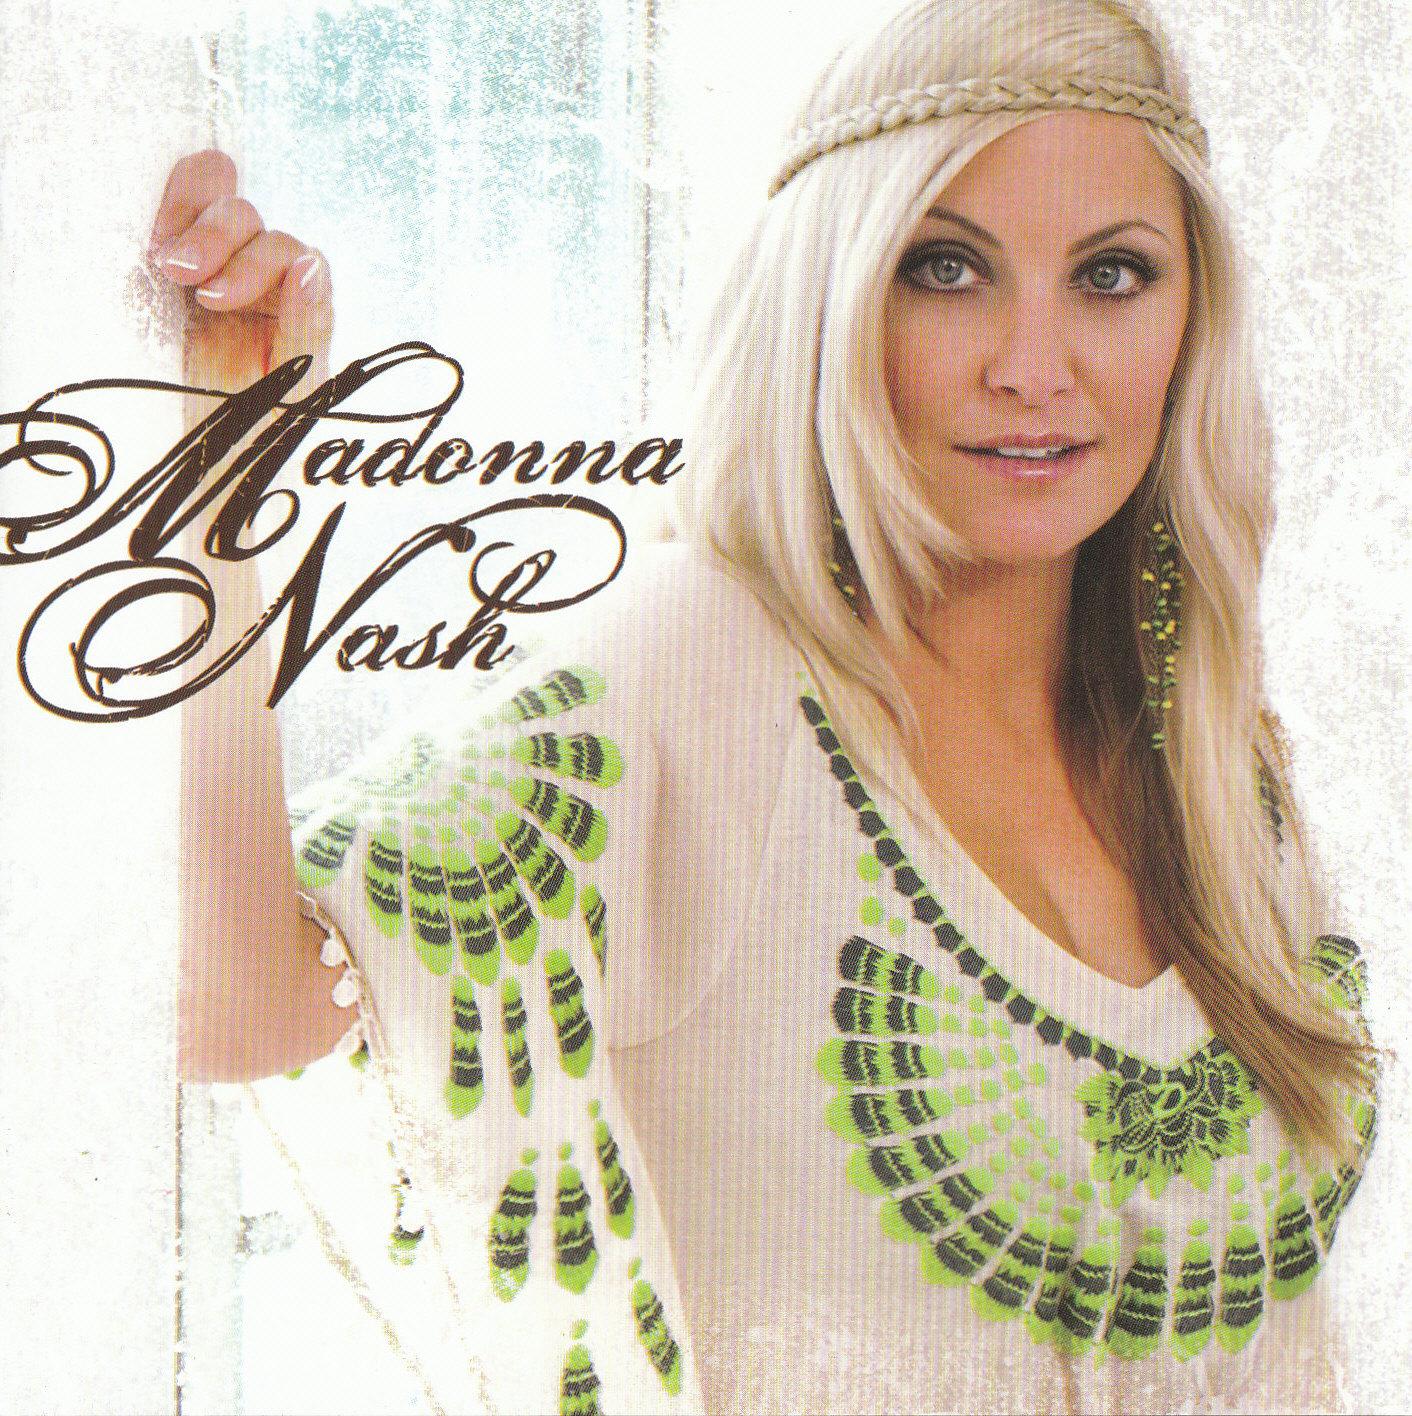 http://3.bp.blogspot.com/-hOl6OKRJGIA/T9UU86qsLkI/AAAAAAAAAsU/iC-L85fiV38/s1600/Madonna%2BNash%2Bdebut%2Balbum_0001_0001.jpg